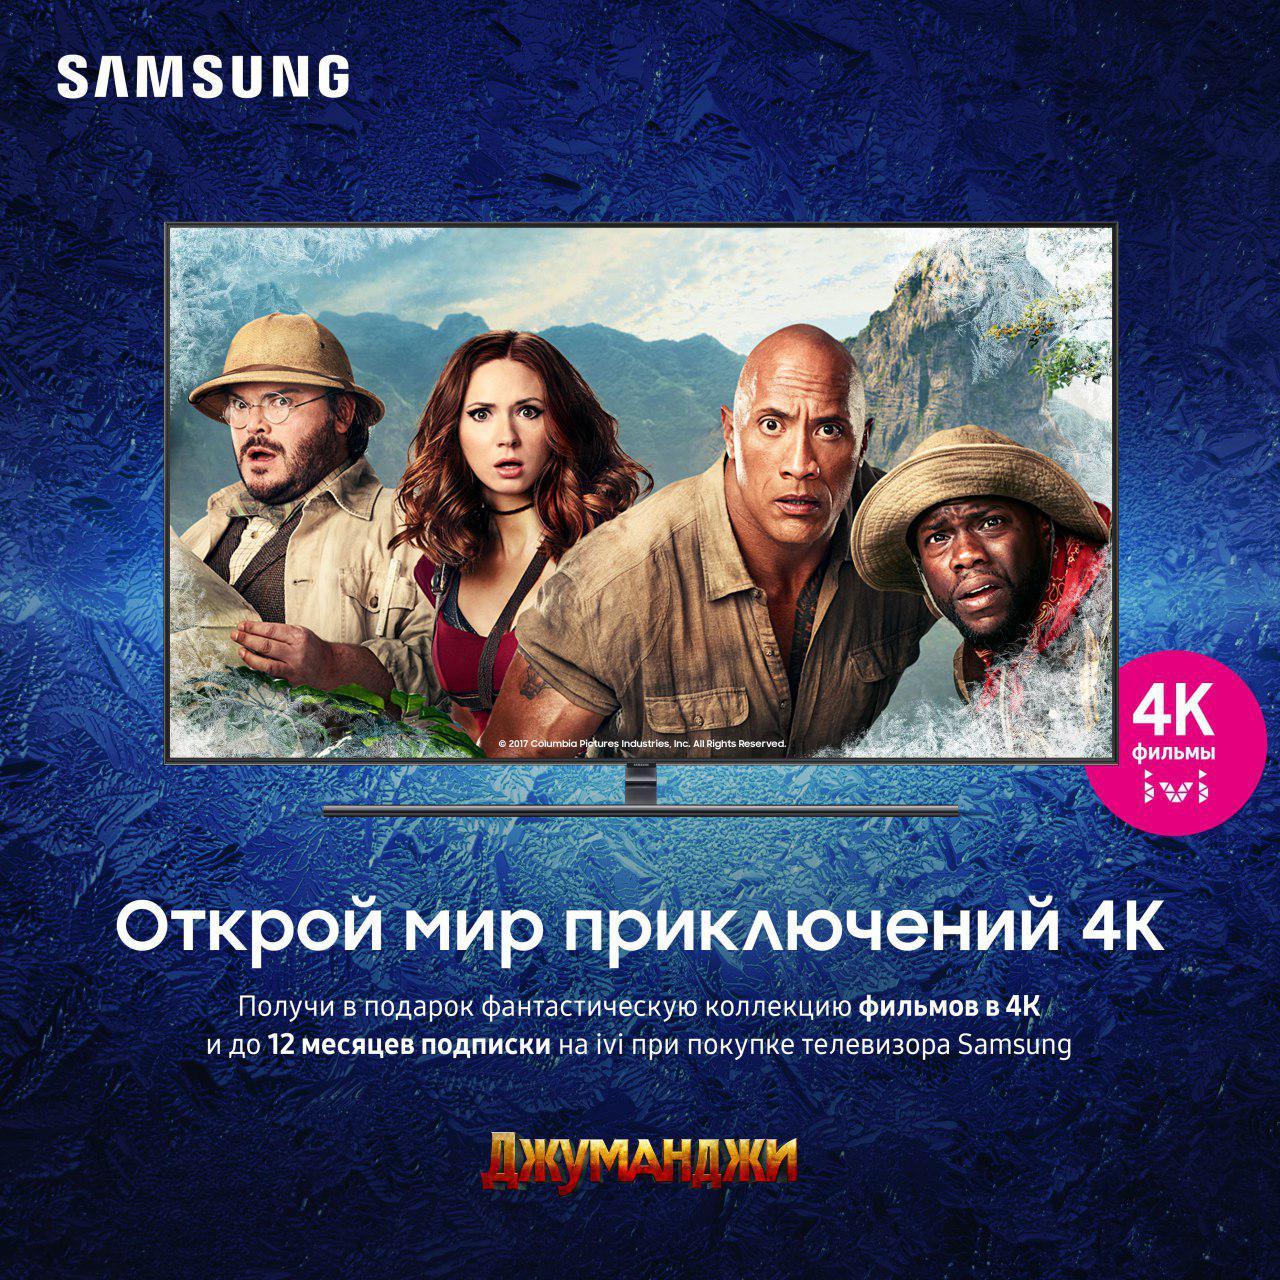 Samsung и ivi дарят крупнейшую коллекцию фильмов в 4K покупателям телевизоров Smart TV